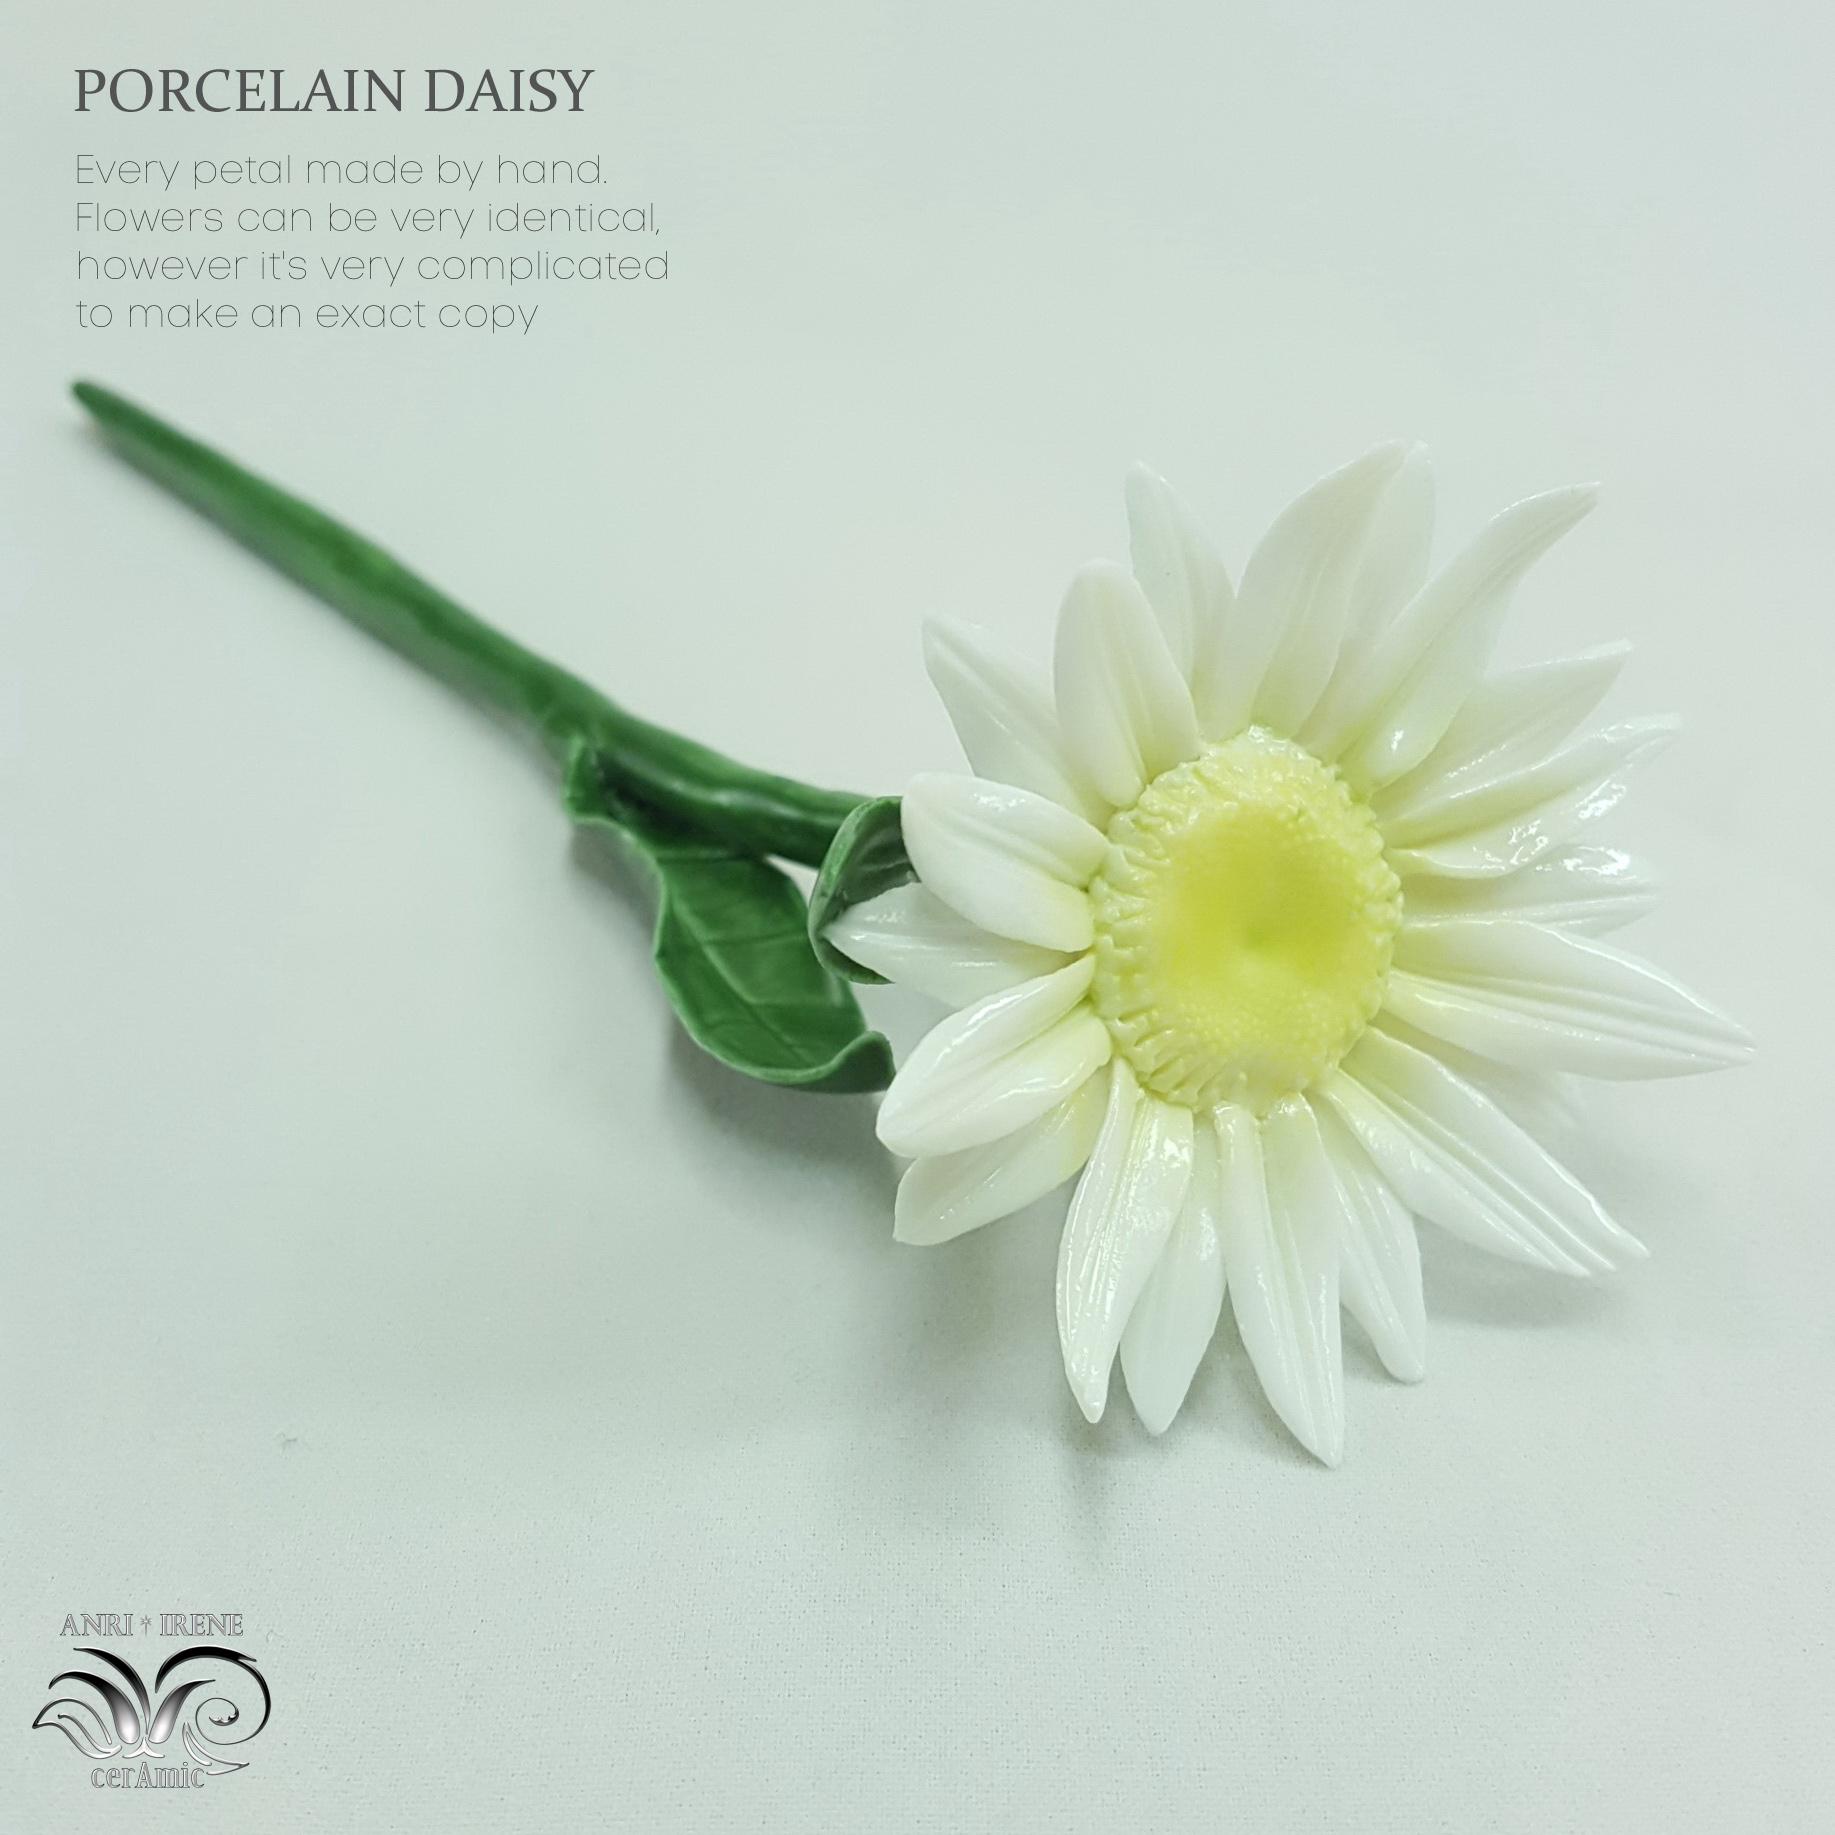 Porcelain daisy